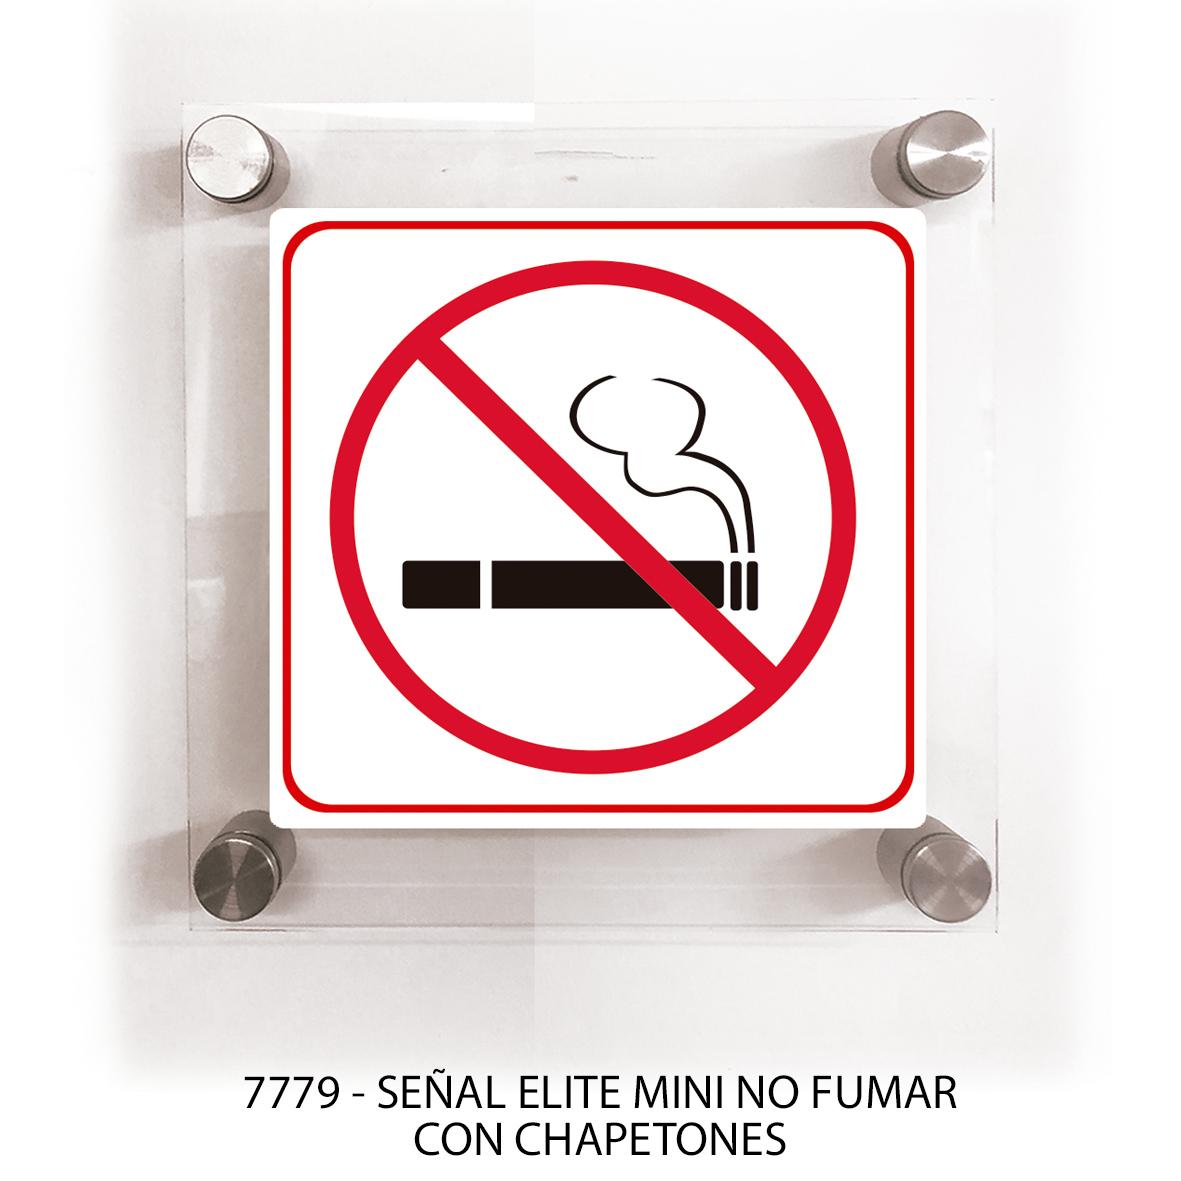 Señal no fumar con chapetones línea elite mini modelo 7779 Sablón